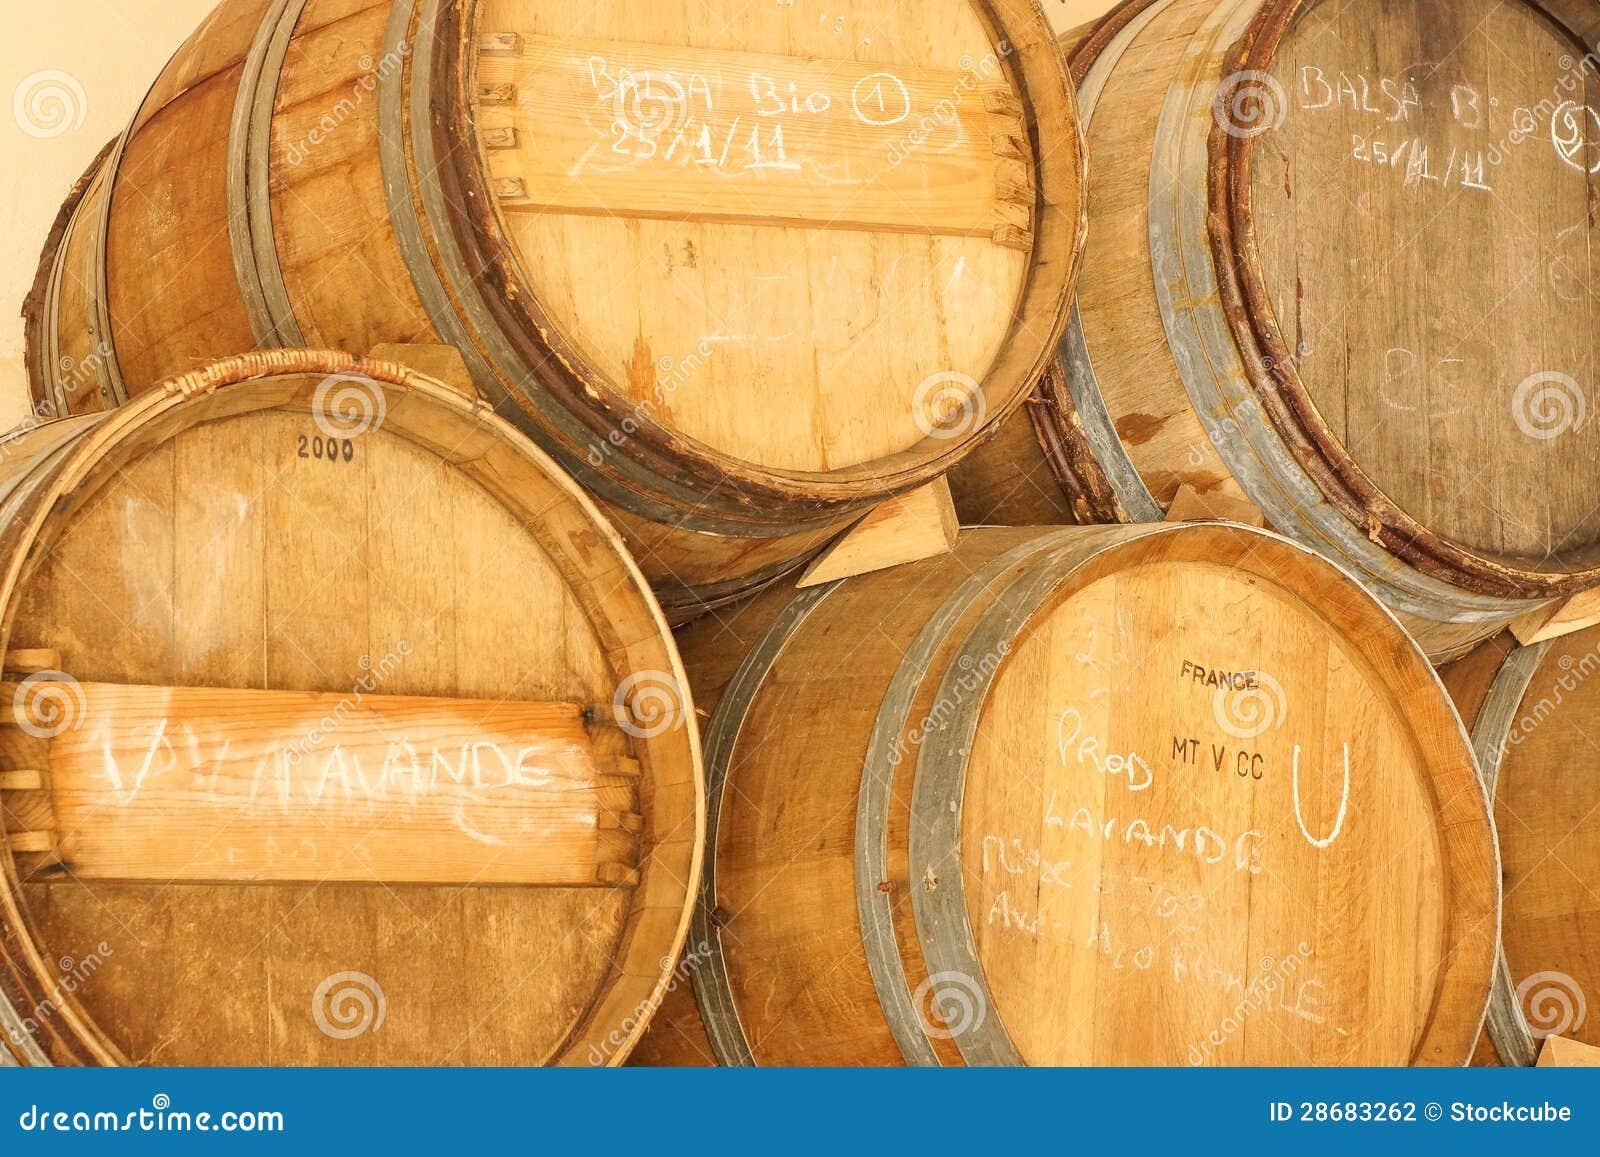 tonneaux de vinaigre balsamique provence france photographie stock image 28683262. Black Bedroom Furniture Sets. Home Design Ideas